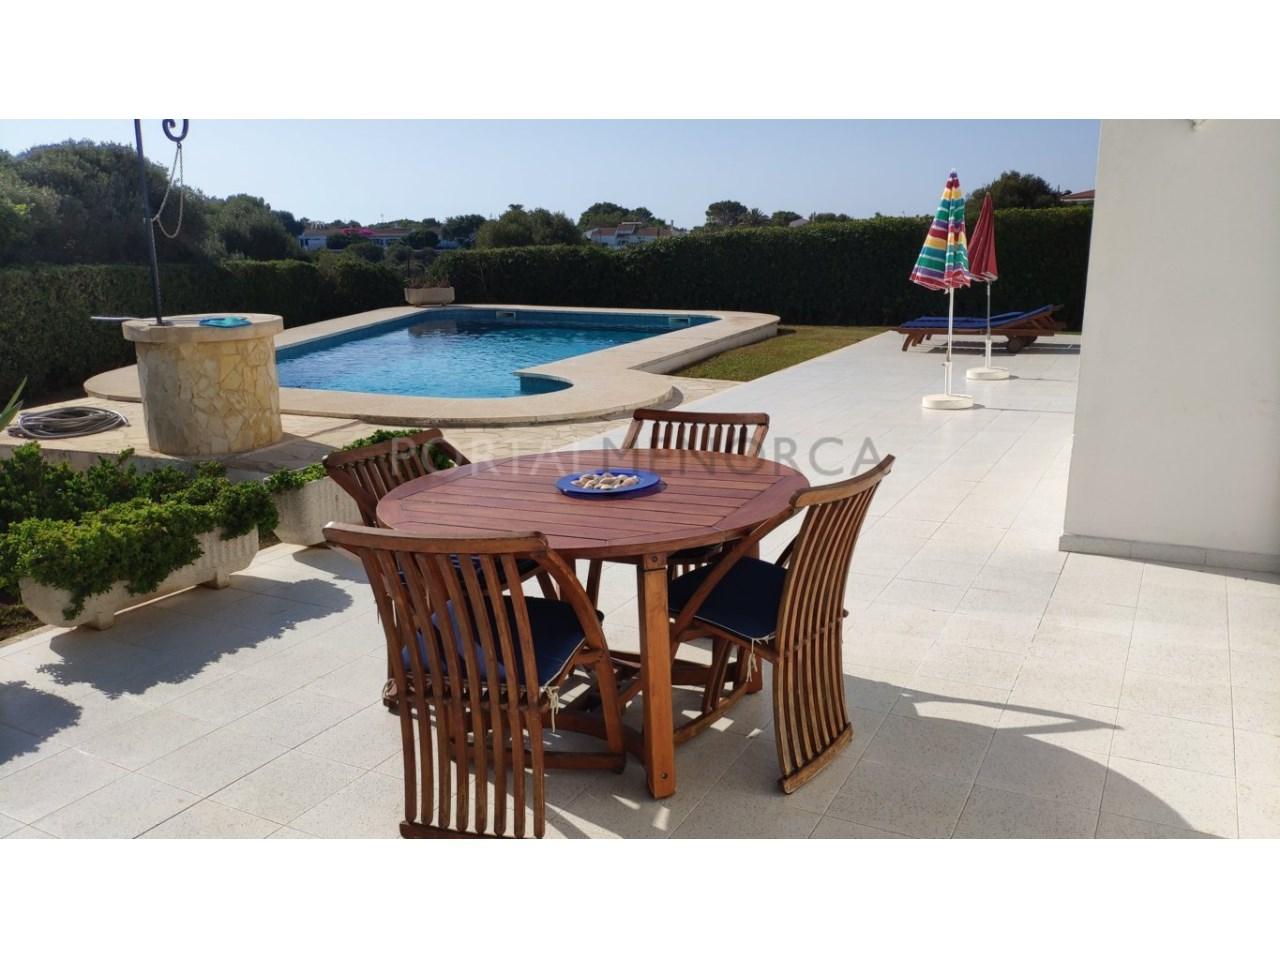 Chalet en venta en Calan Blanes con licencia turística Ciutadella Menorca - zona piscina